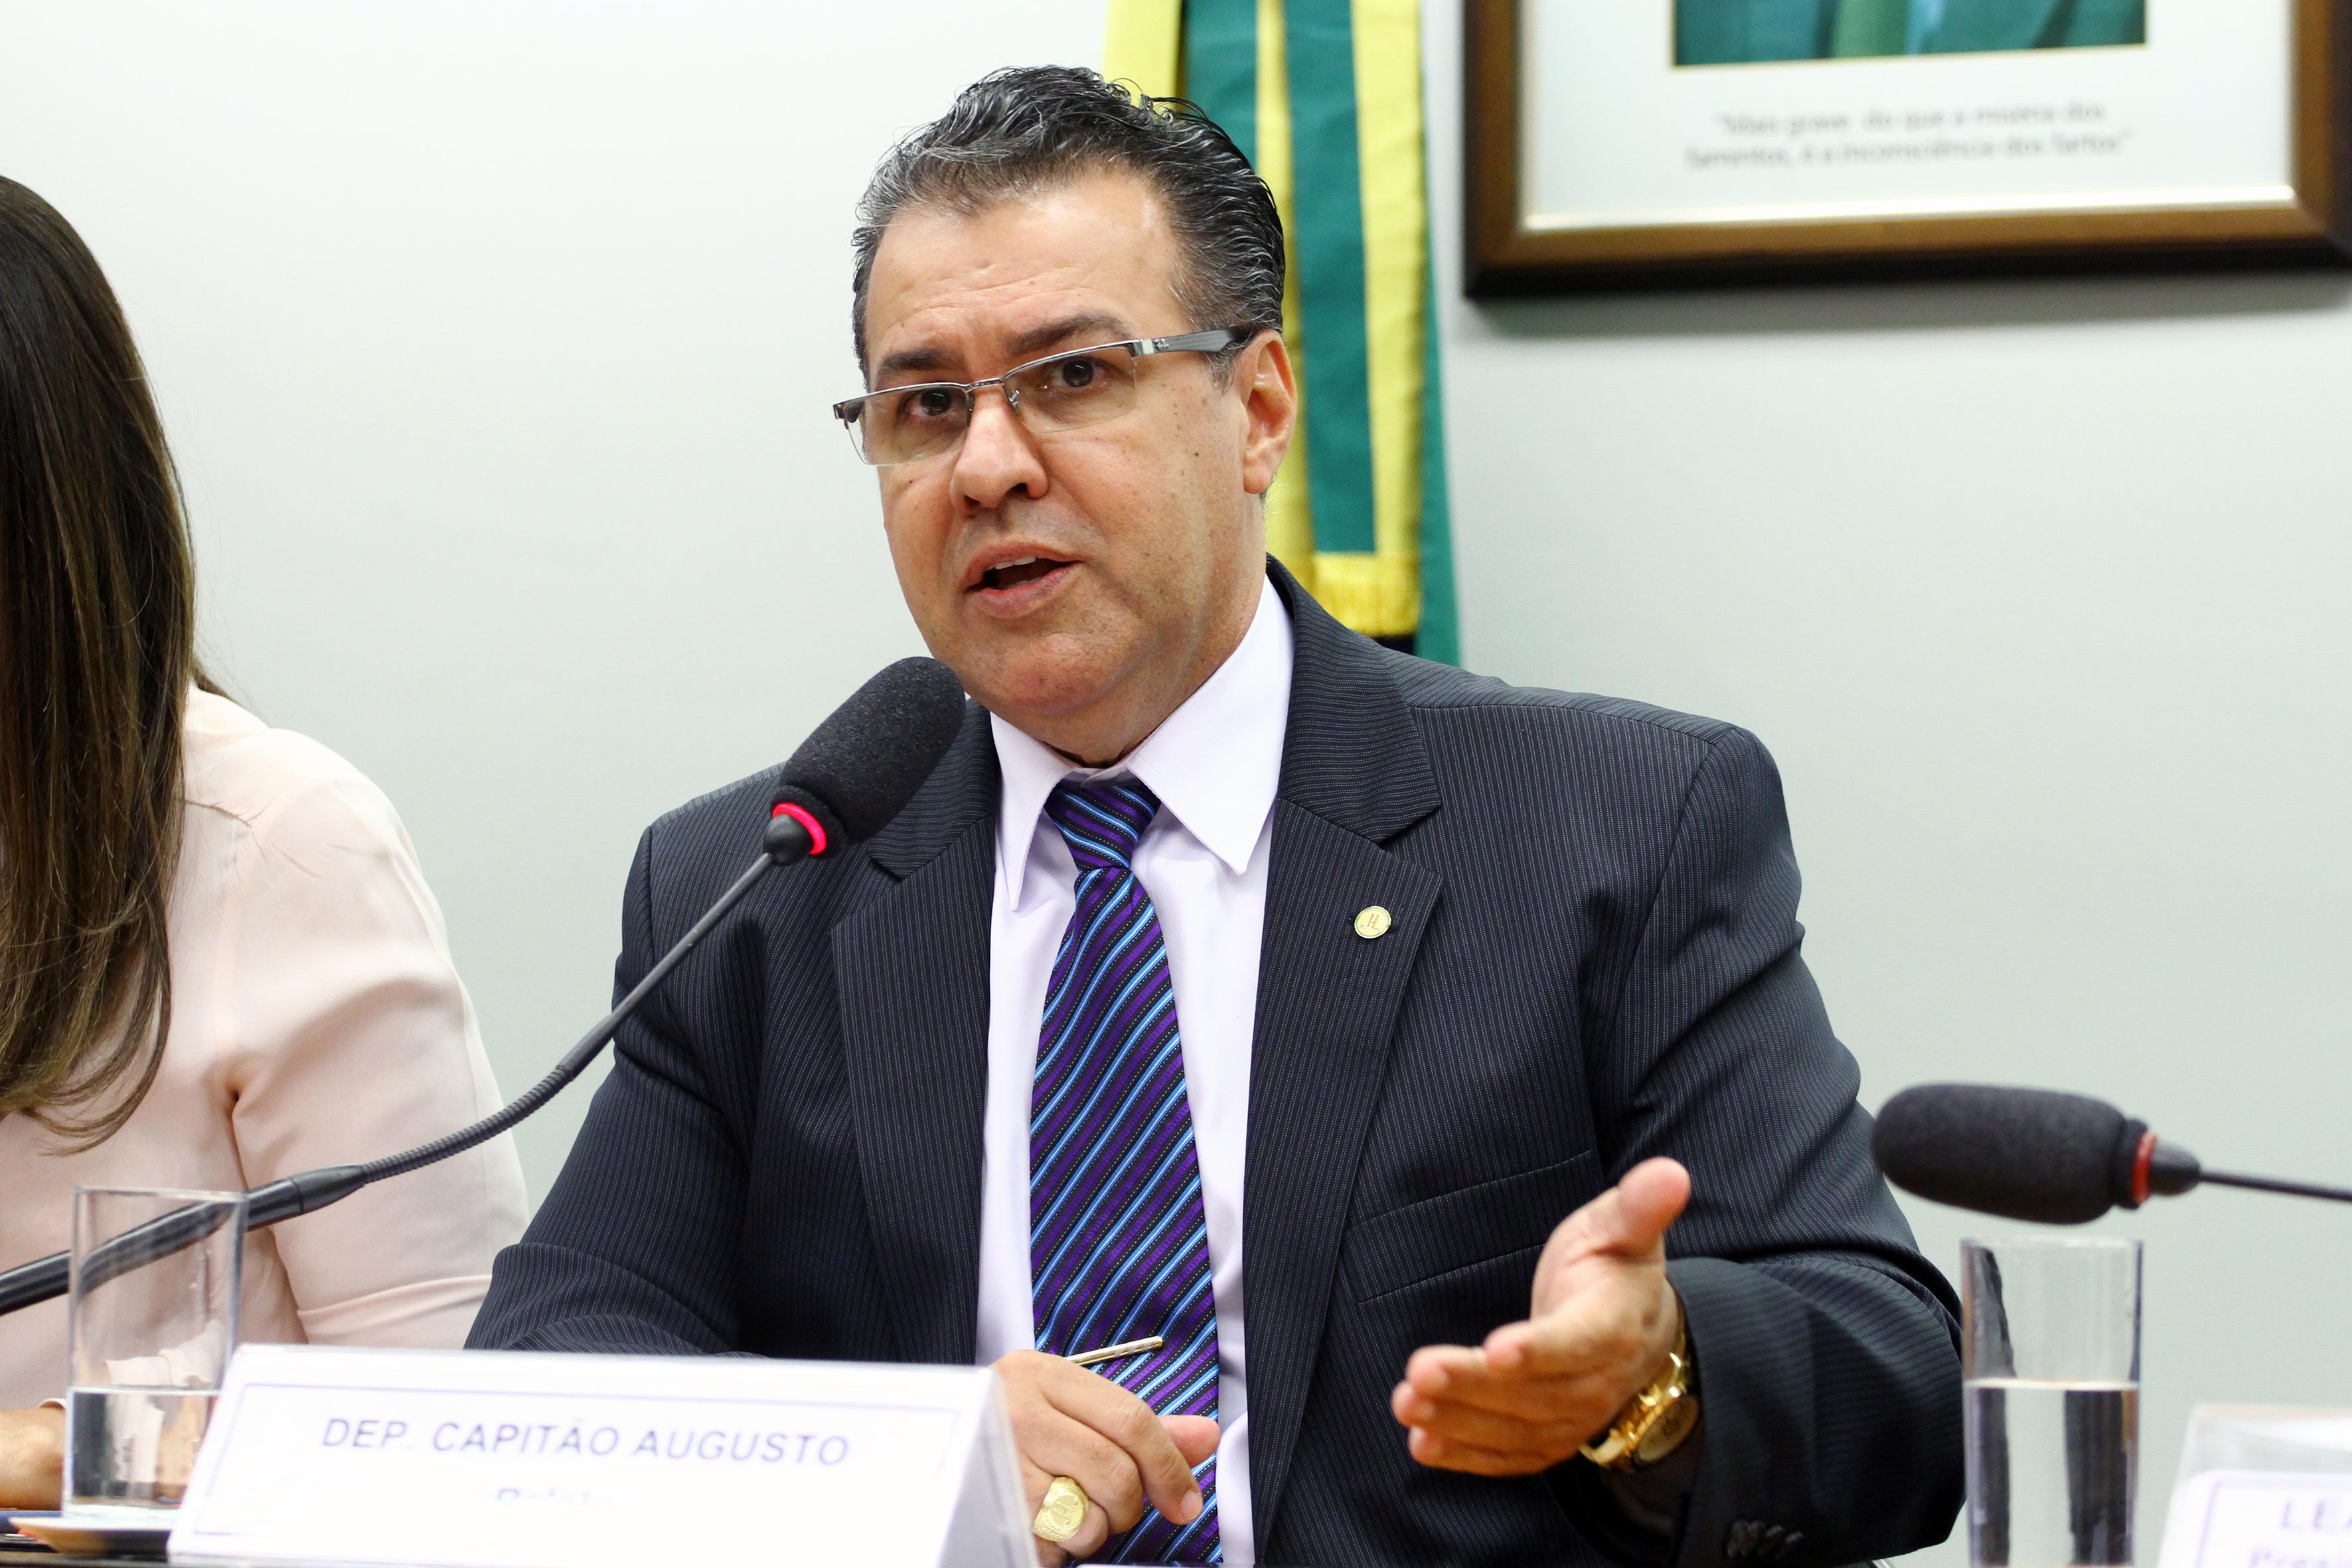 Audiência pública sobre as mudanças na legislação penal e processual penal. Dep. Capitão Augusto (PR - SP)